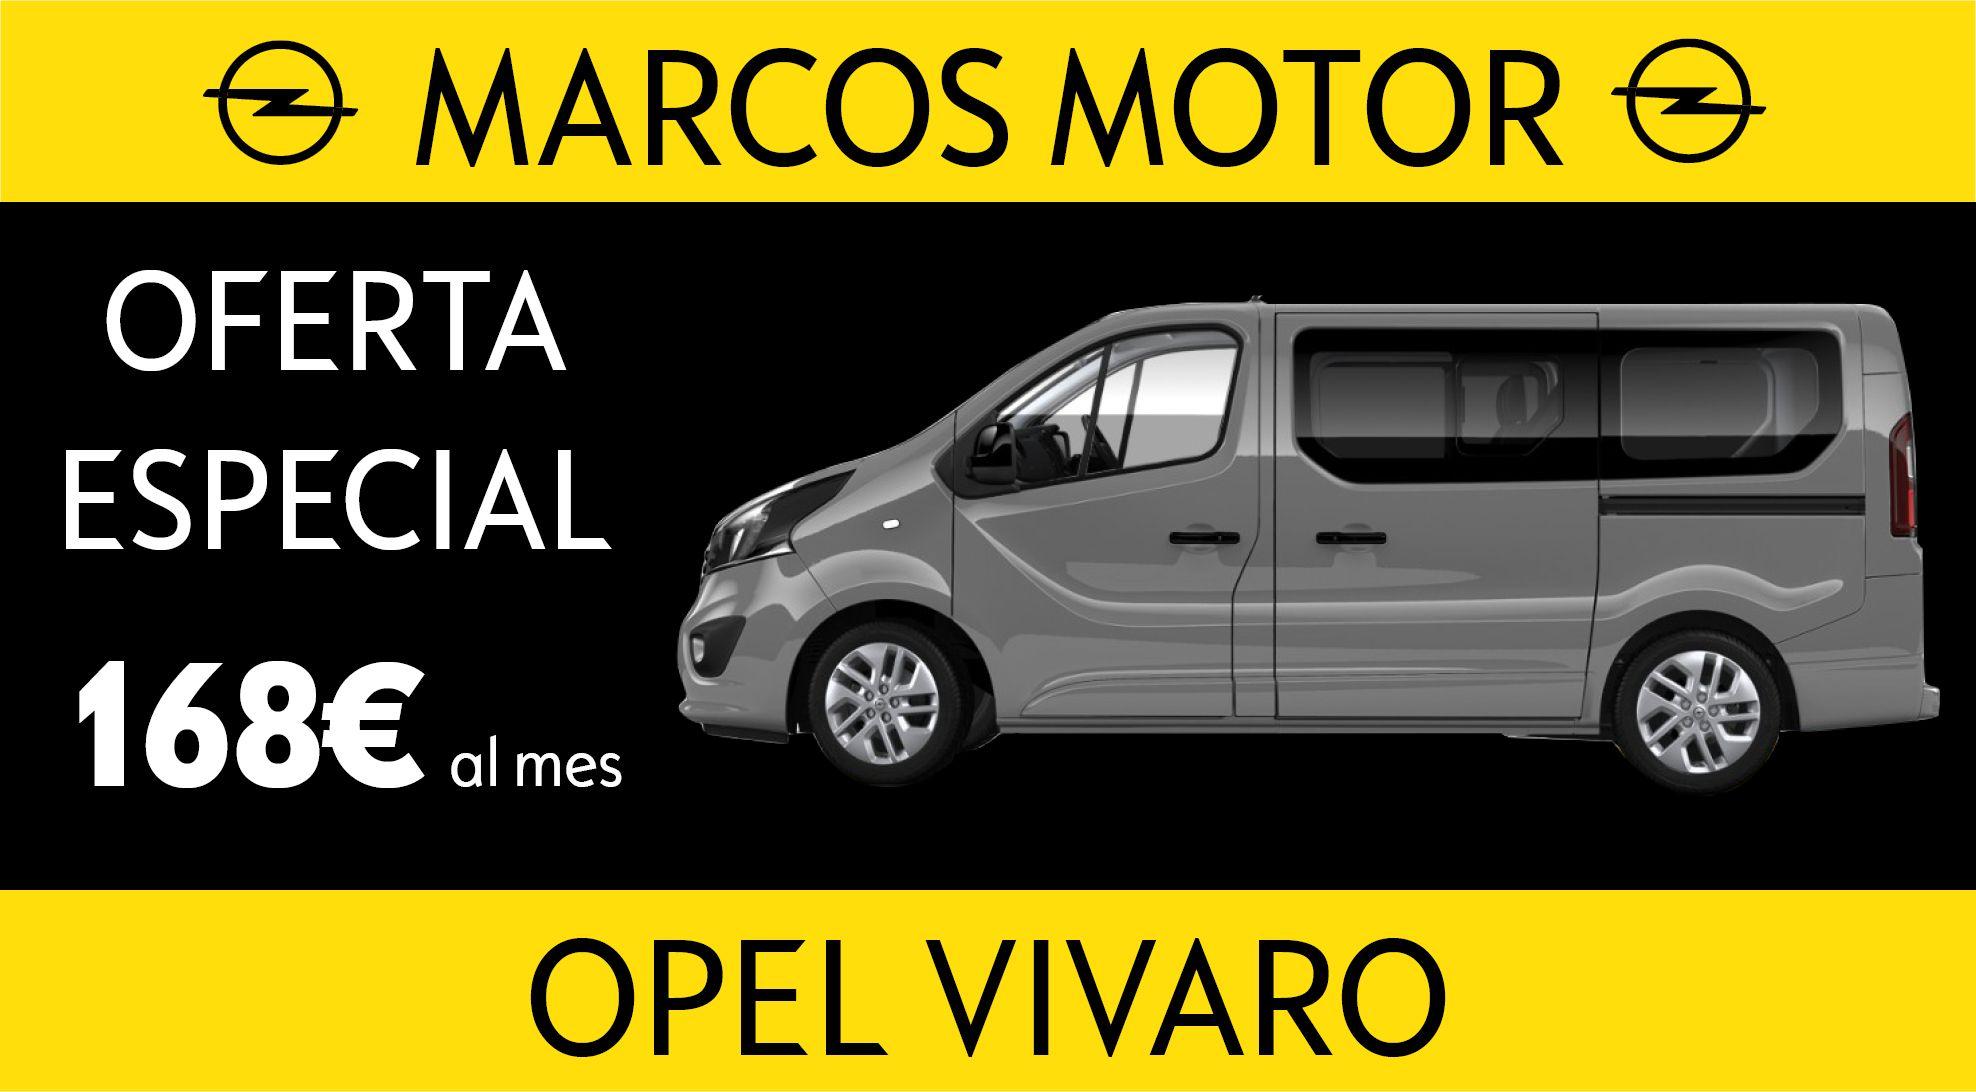 Opel Vivaro Offer € 168 per month